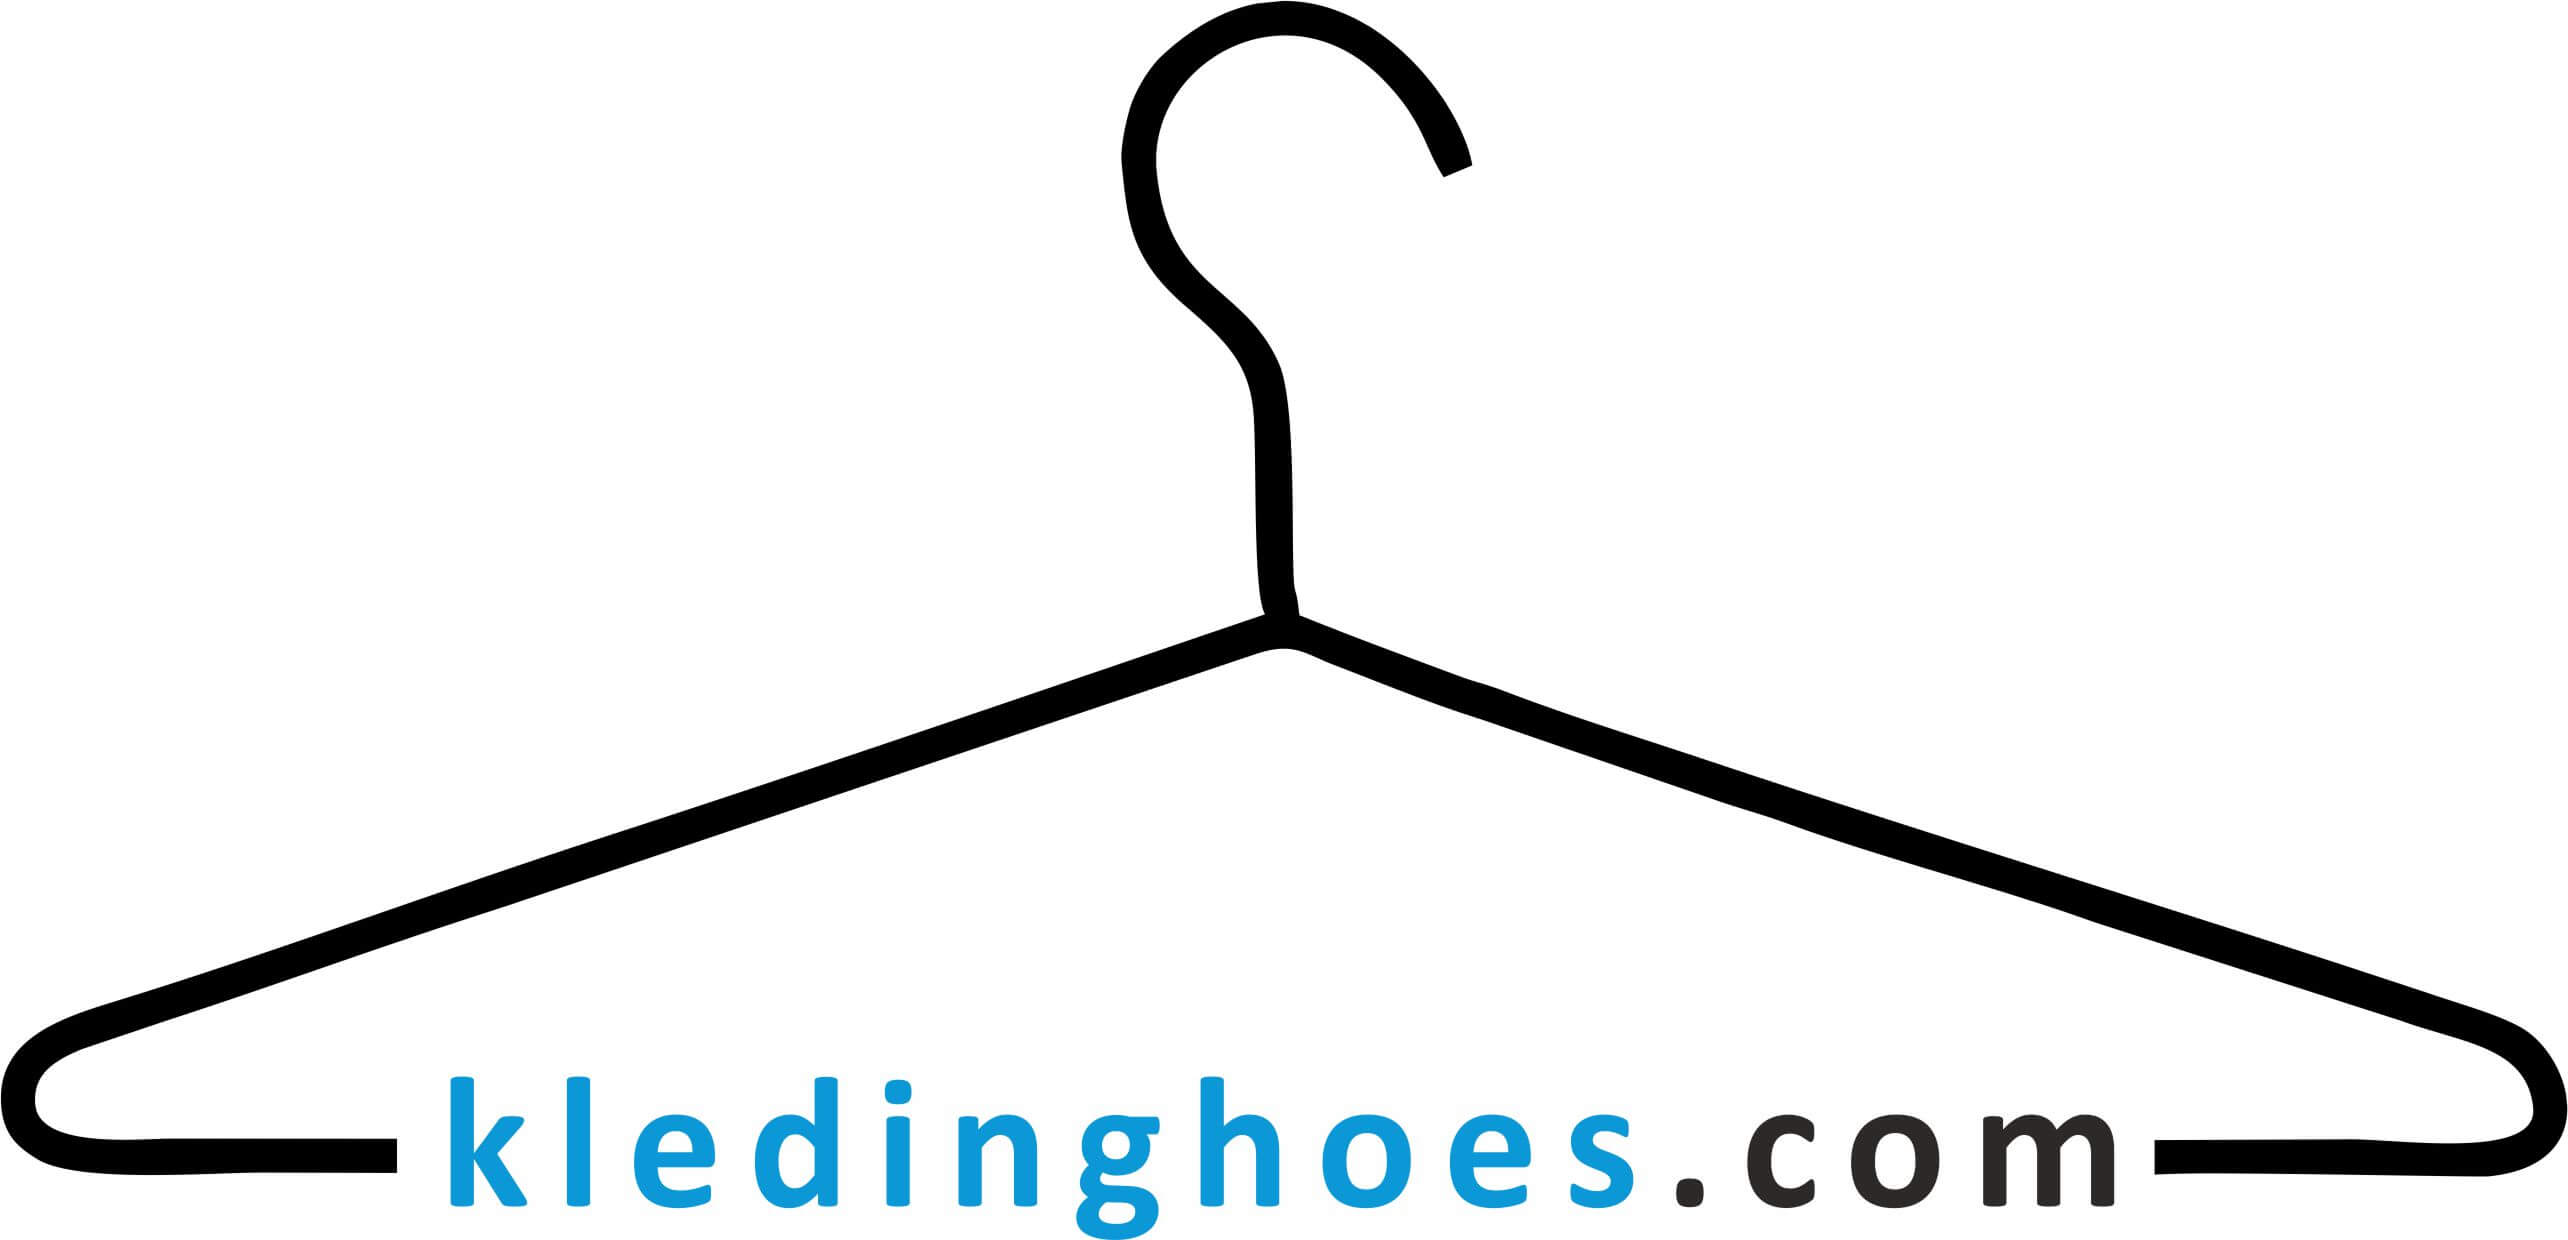 Kledinghoes